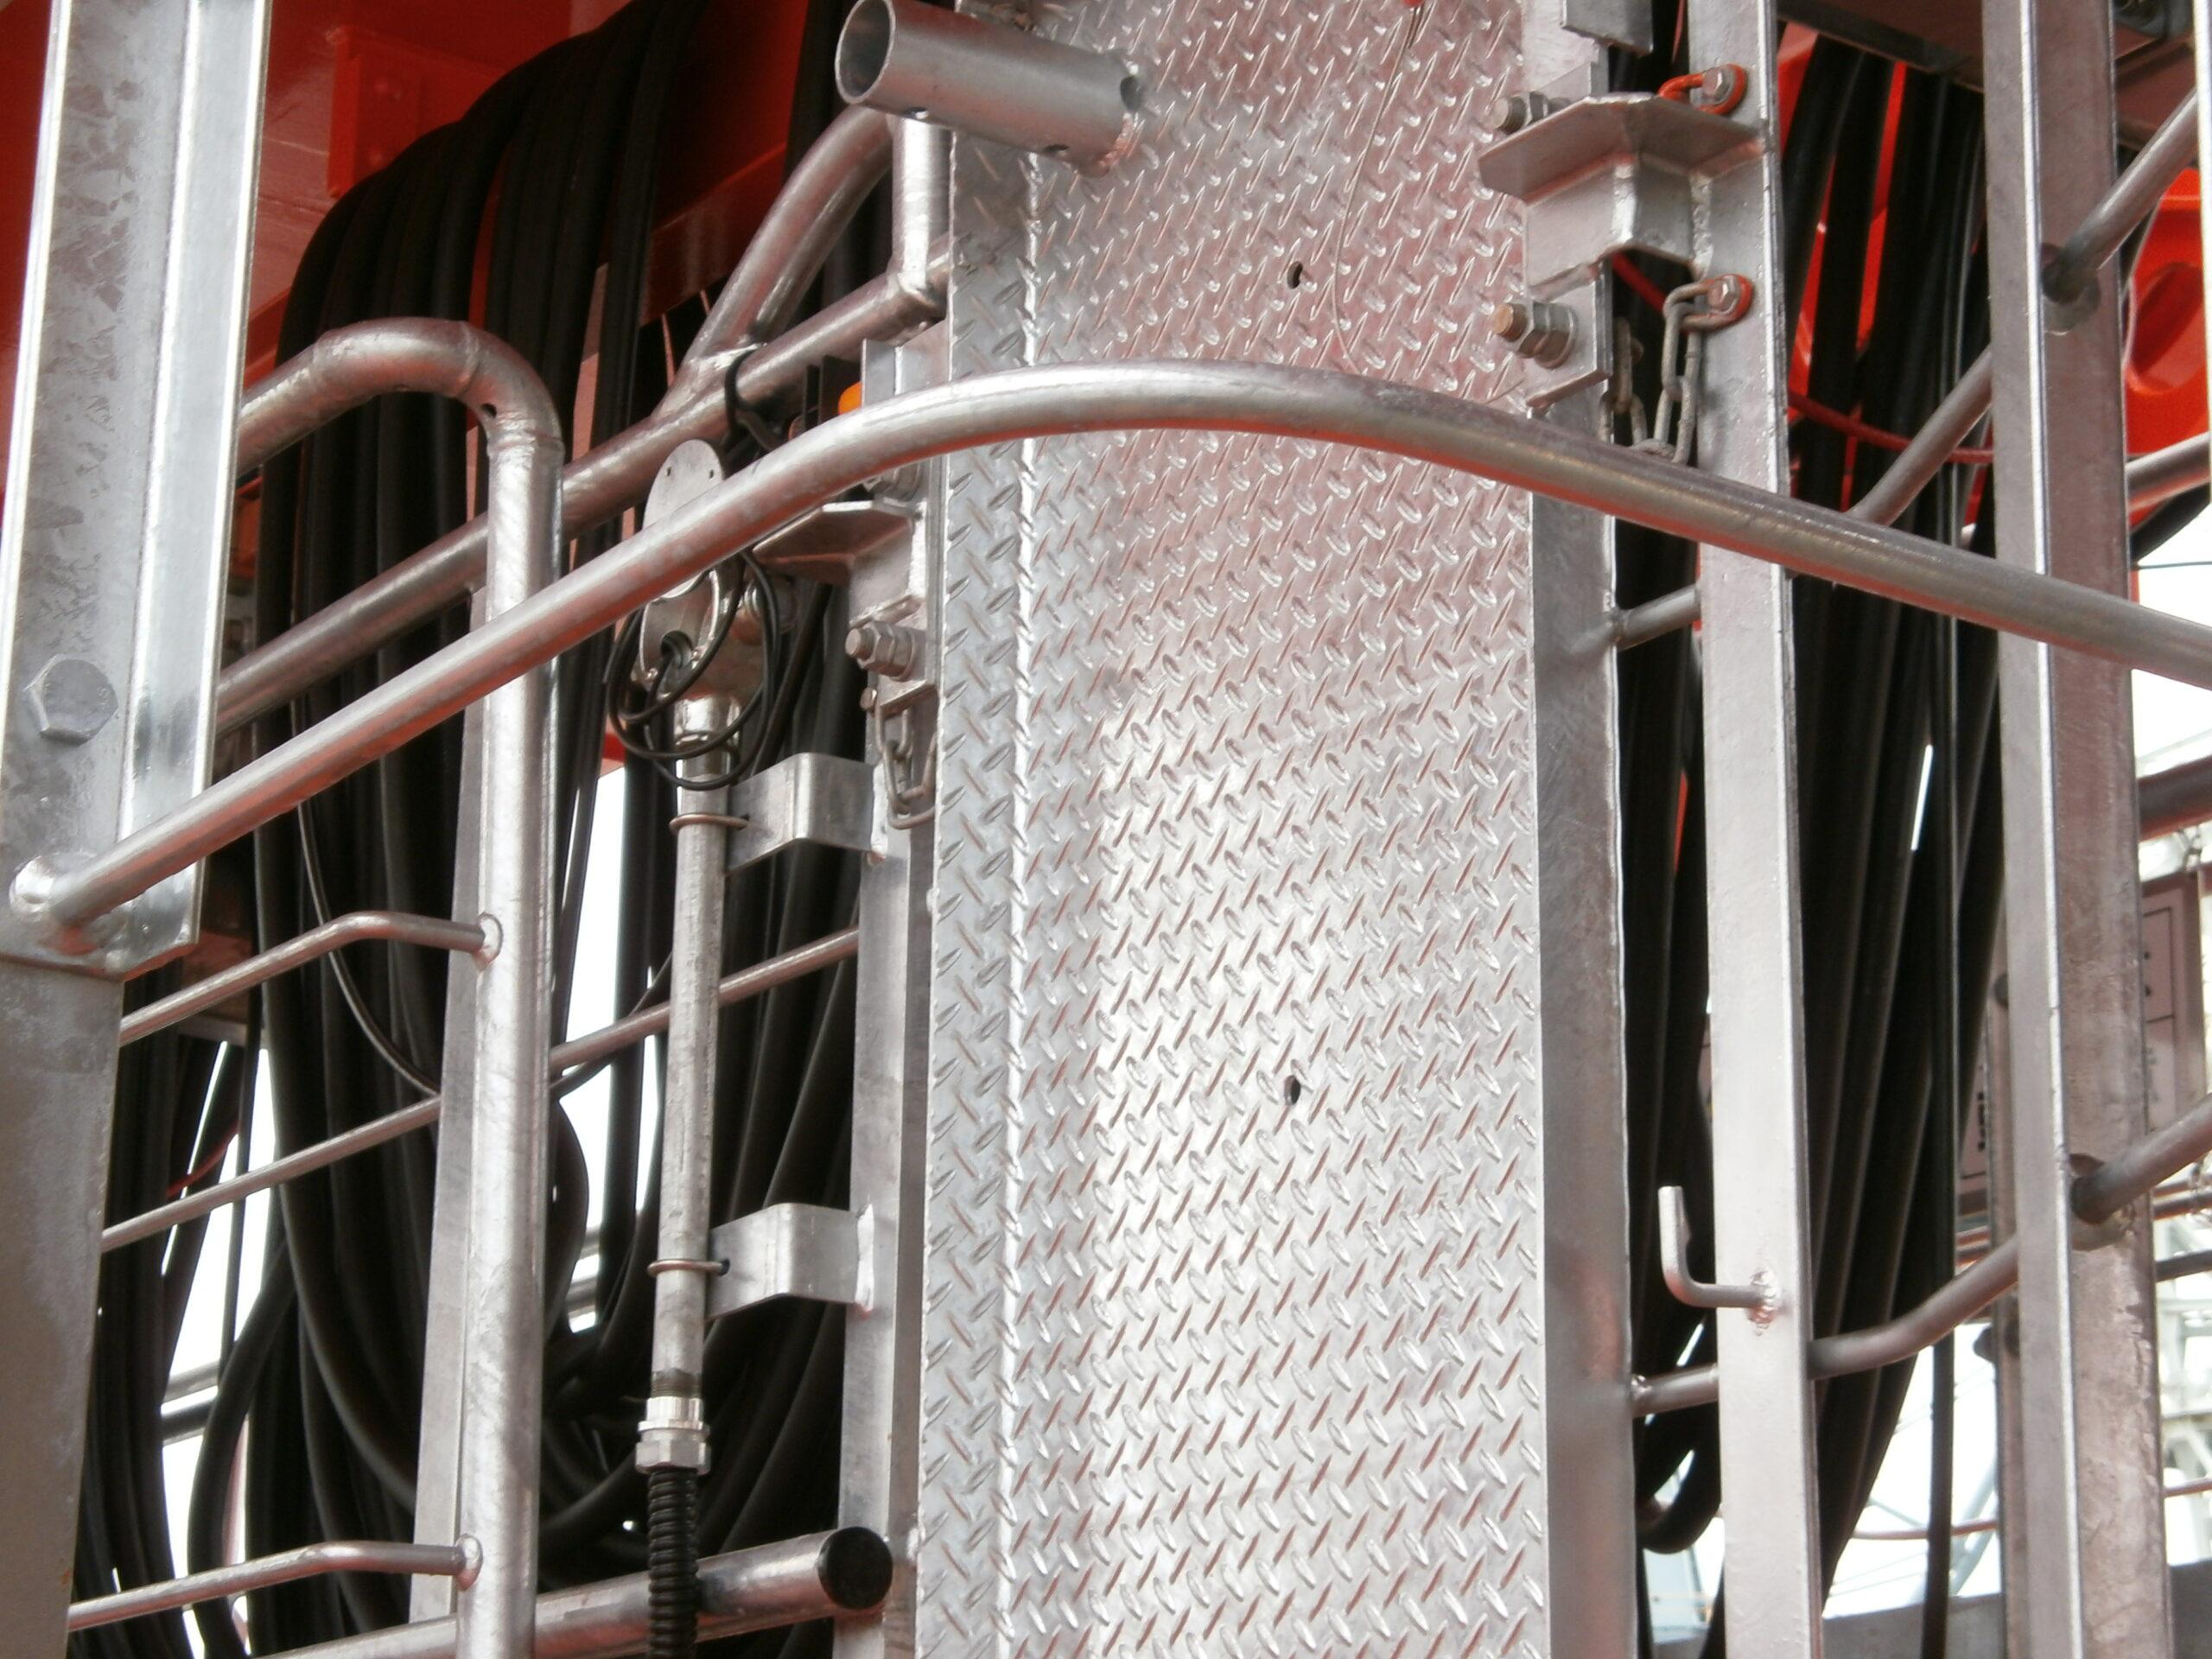 コンテナクレーン ゆるみ箇所:構造関係、巻上関係、横行関係、起伏関係、走行関係、付帯装置、電気関係の締結箇所